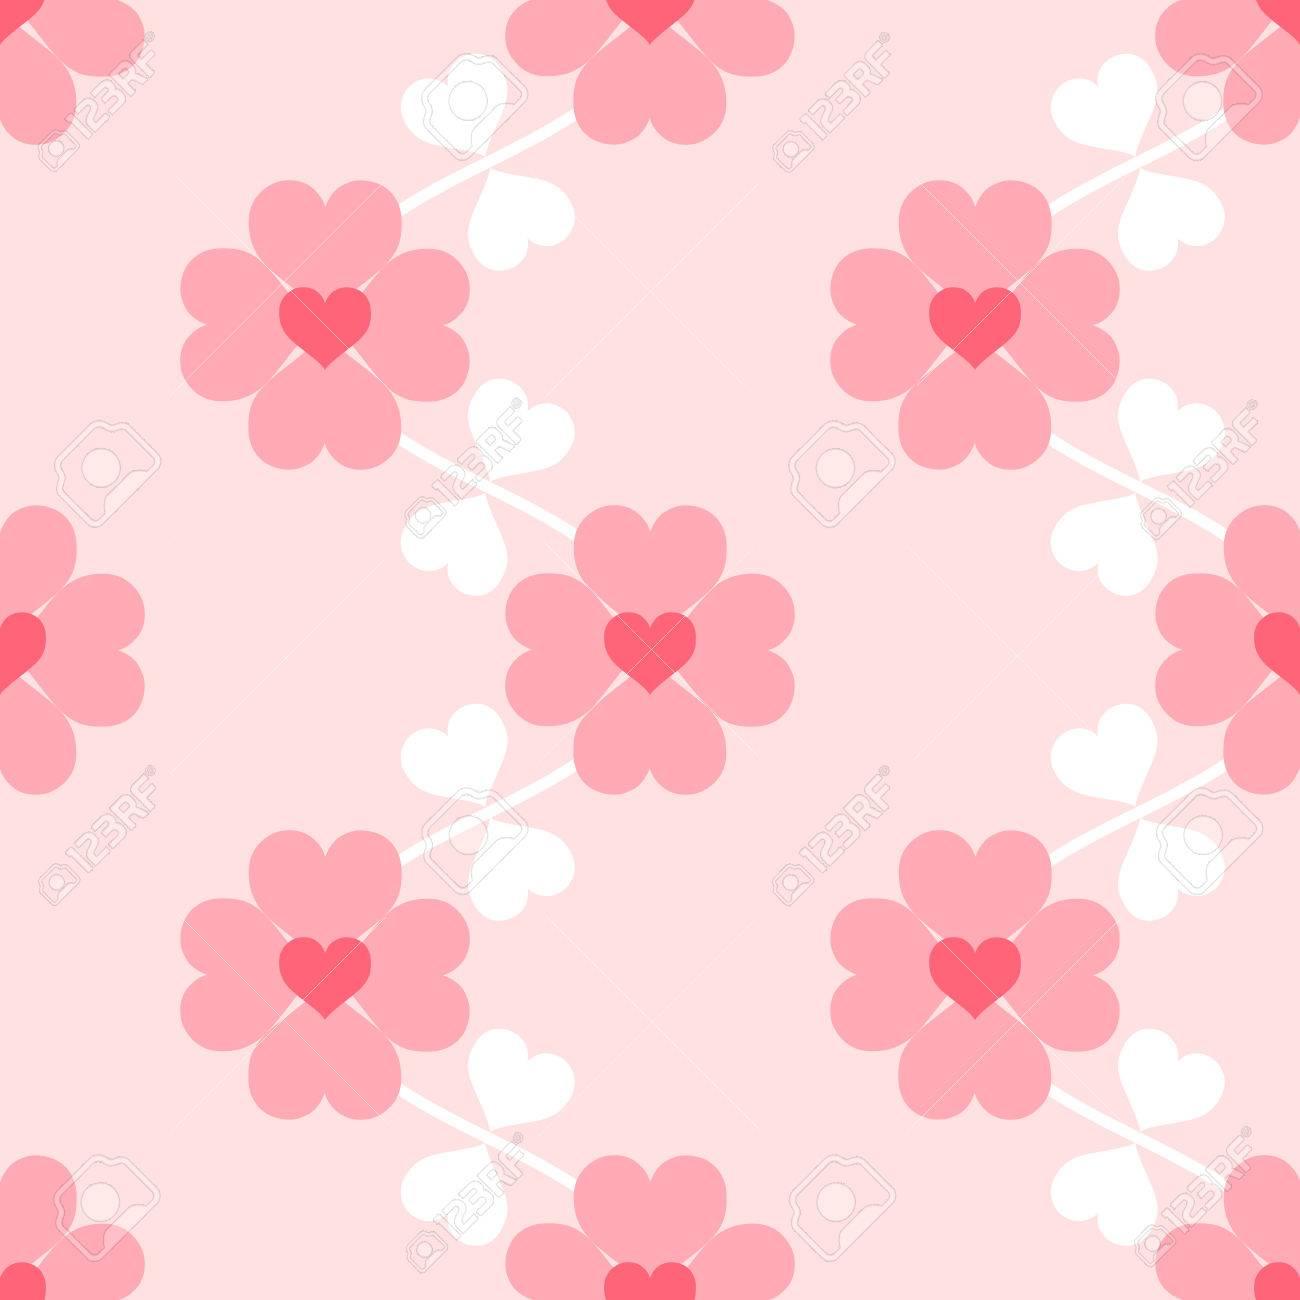 ハート花ソフト シームレスな壁紙のイラスト素材 ベクタ Image